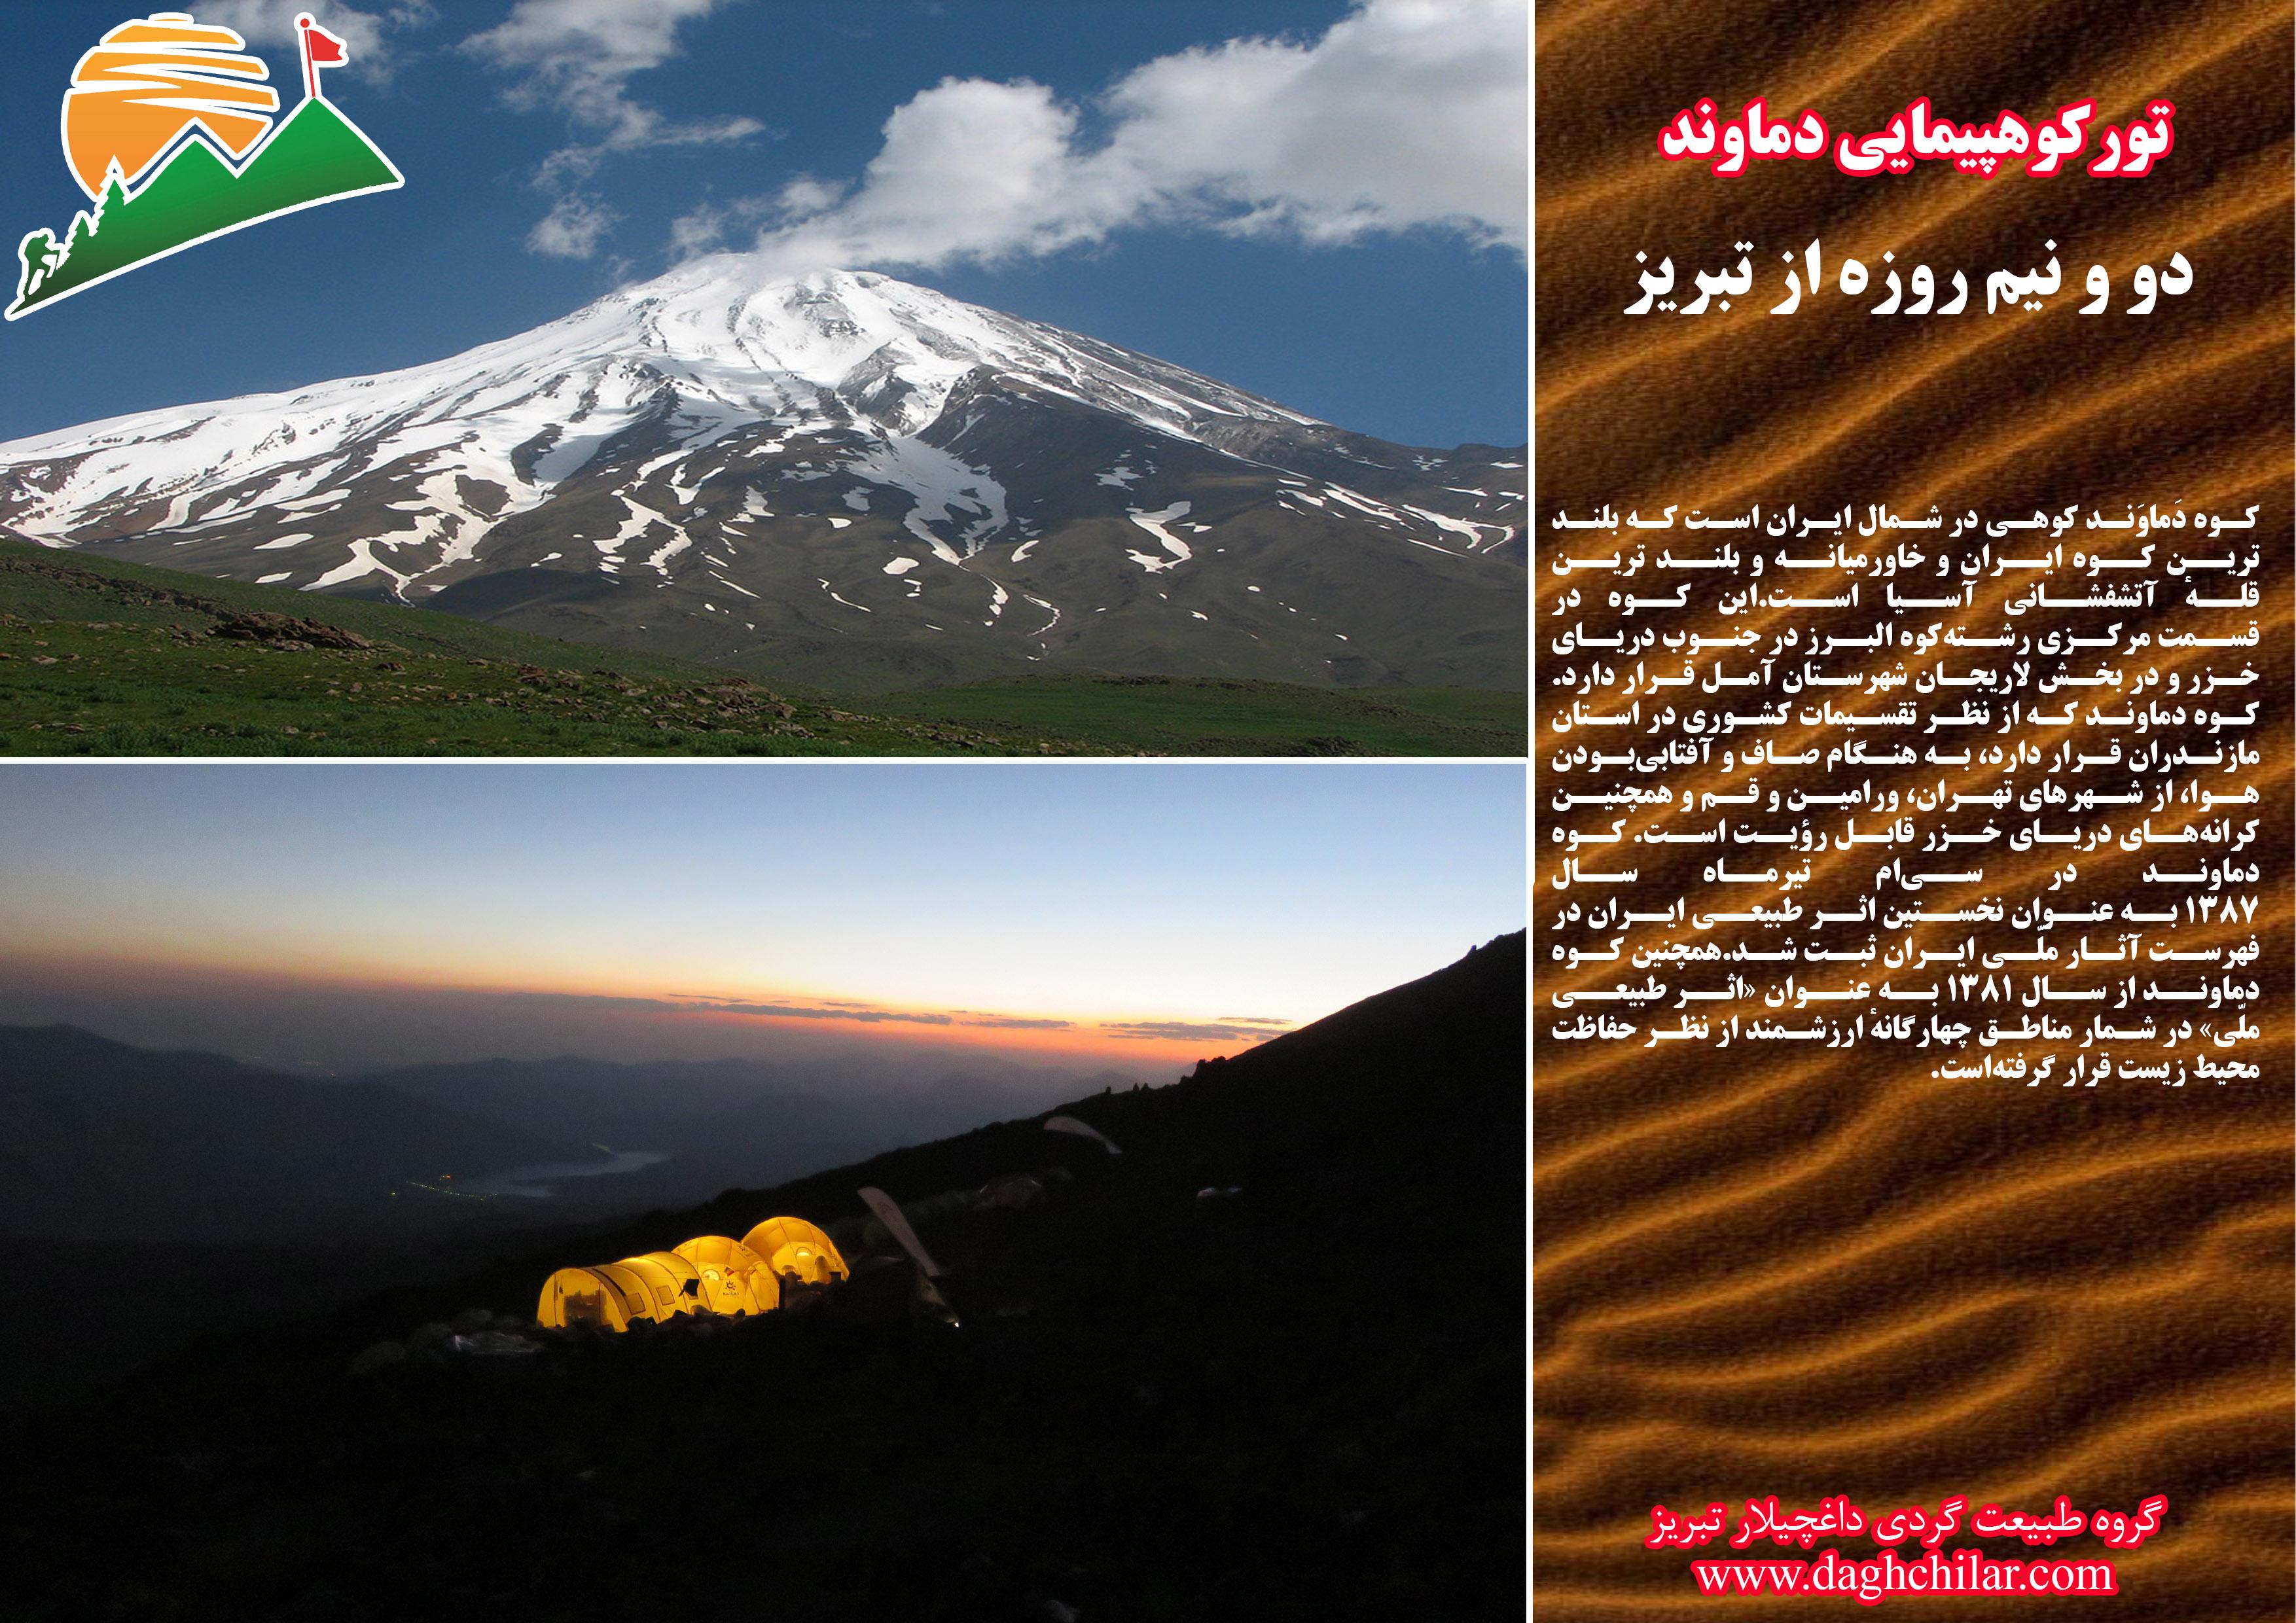 تصویر از تور پیشنهادی کوهپیمایی دماوند